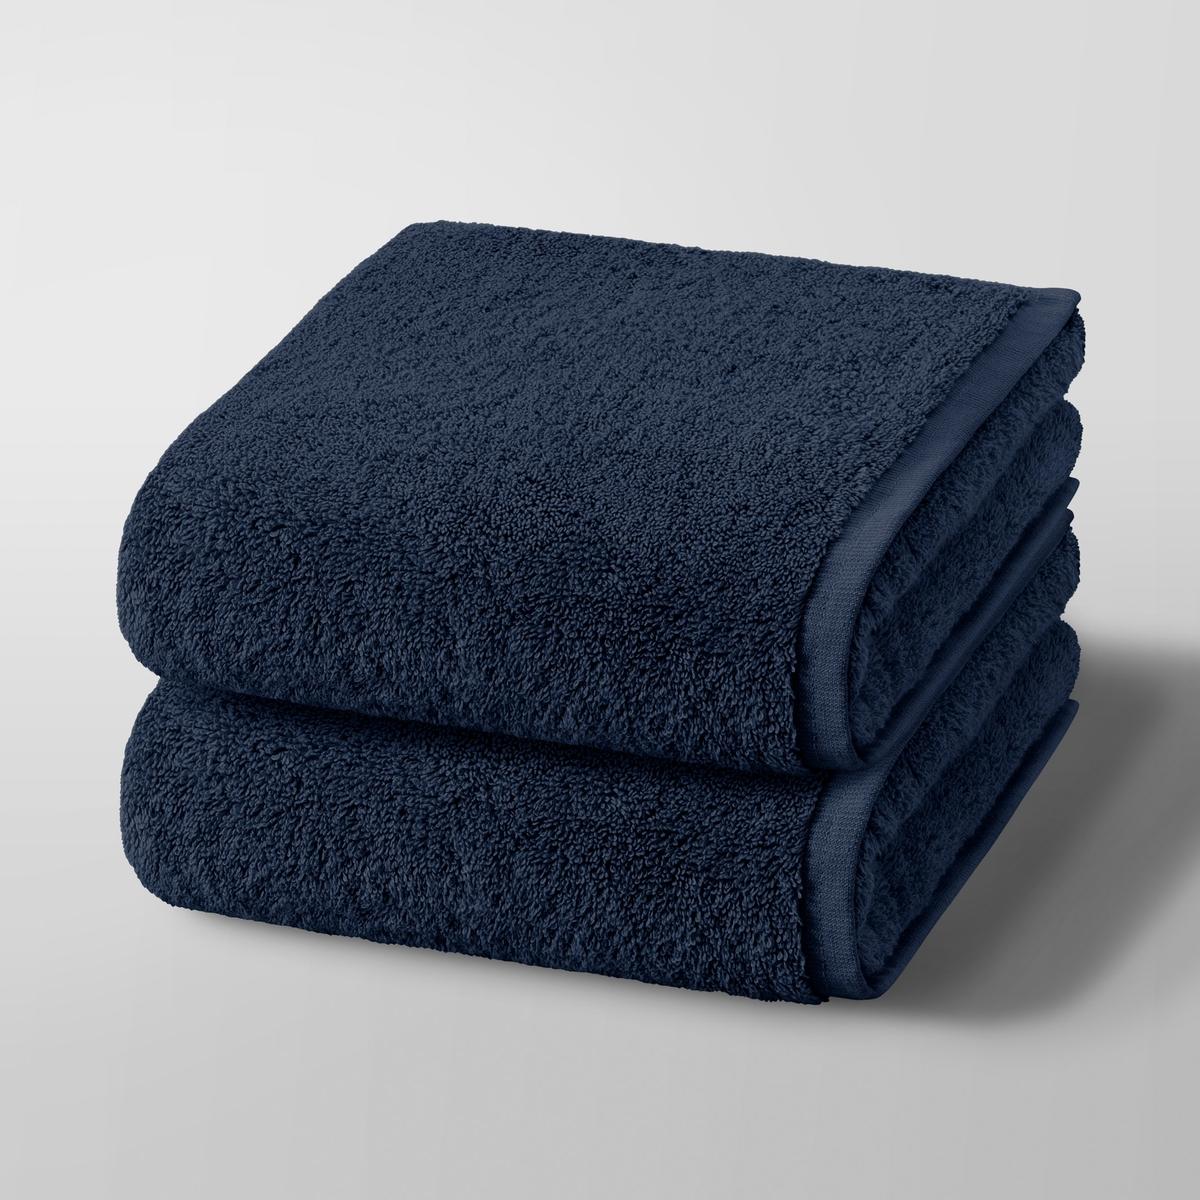 2 полотенца Gilbear, 100% хлопок2 полотенца Gilbear. Очень нежная, мягкая и плотная махровая ткань. Плотность 600 г/м2, стирка при 60 градусах. Размер 50x100 см. Машинная стирка при 60 °С. Размер : 50 x 100 см.<br><br>Цвет: светло-серый,серо-розовый,сине-зеленый,синий морской,темно-серый,черный